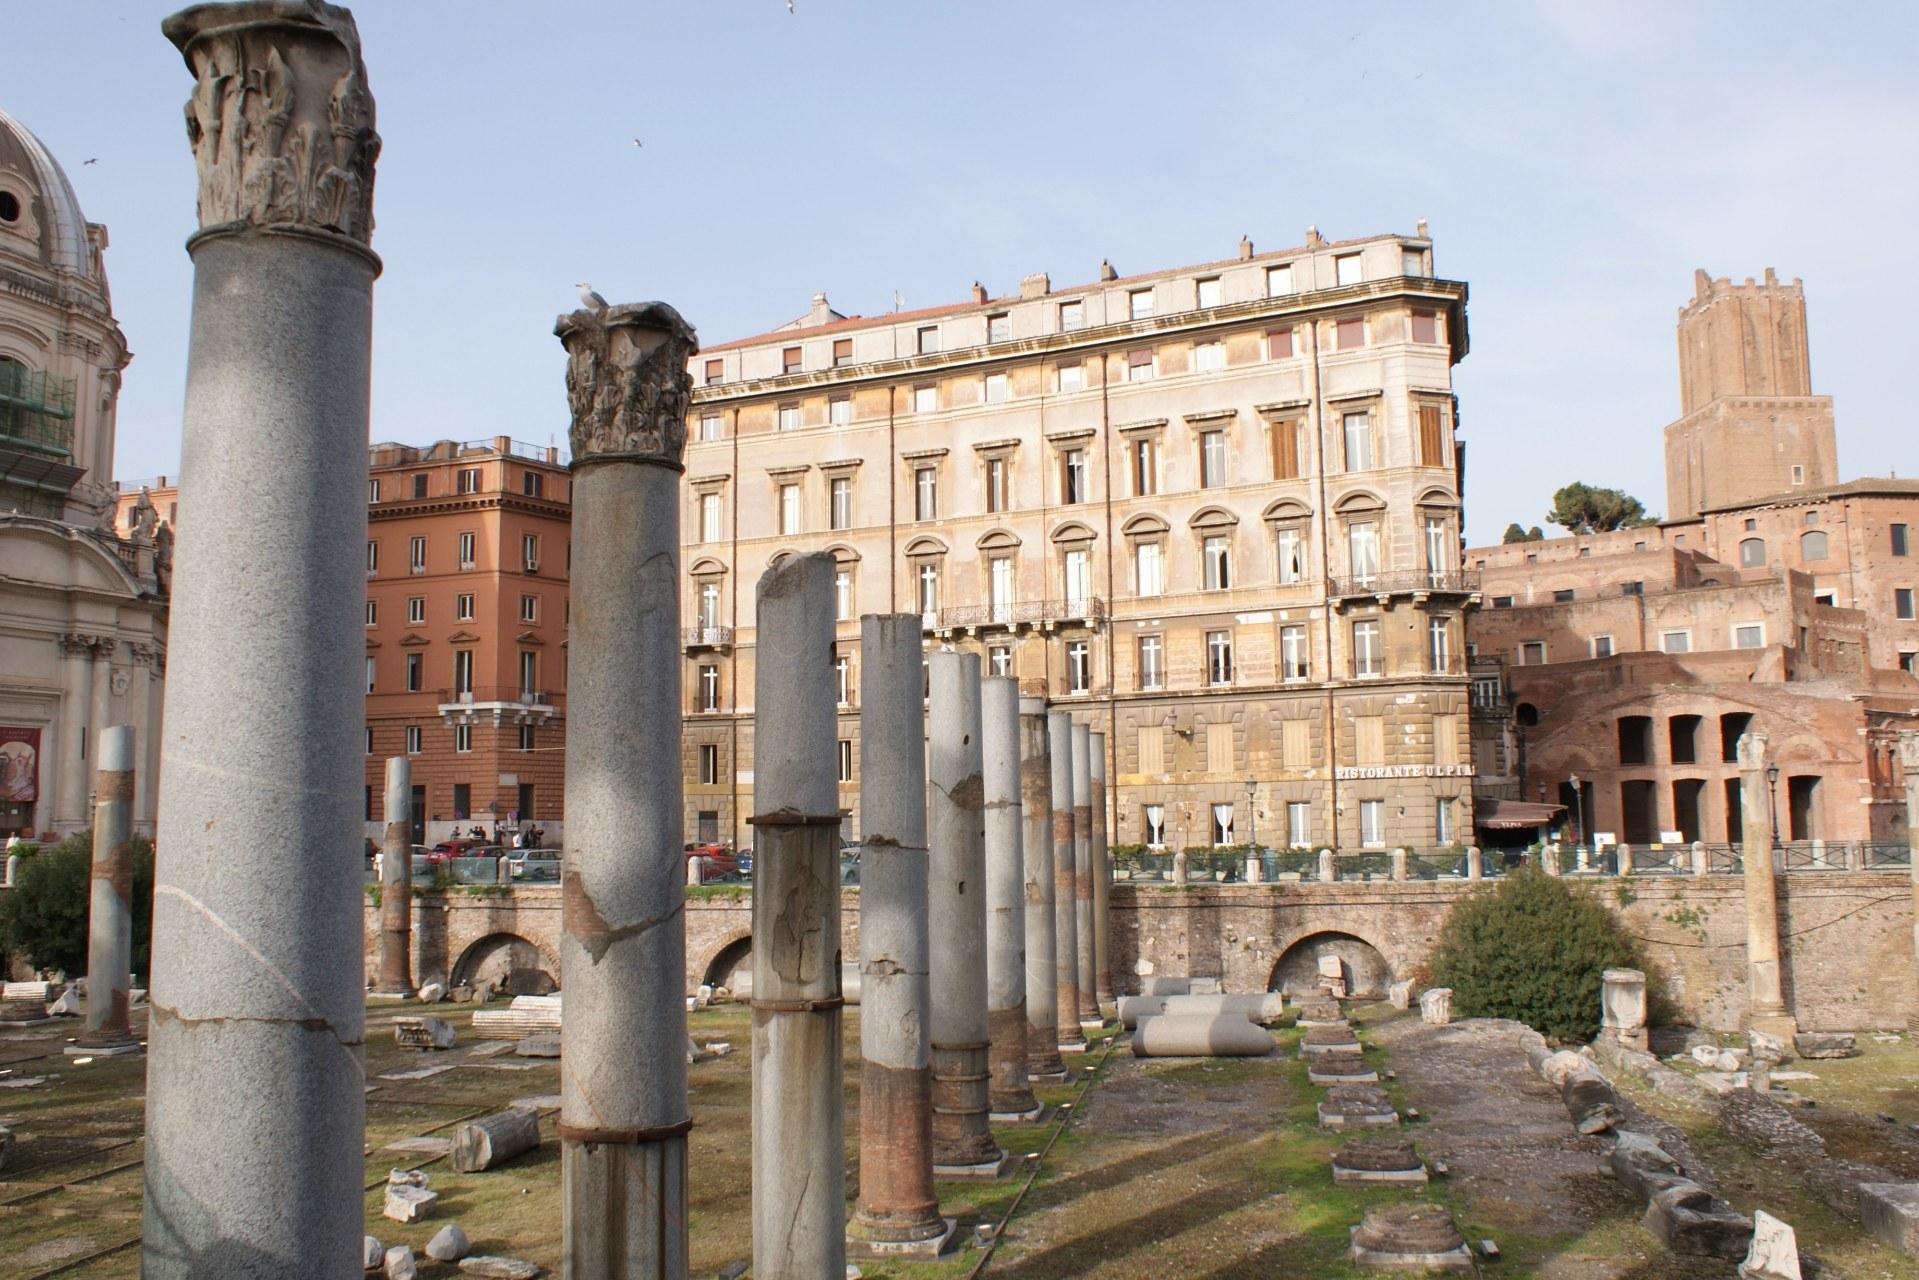 Images - Stald - Rome Printemps 2016 - 04:05 - 49